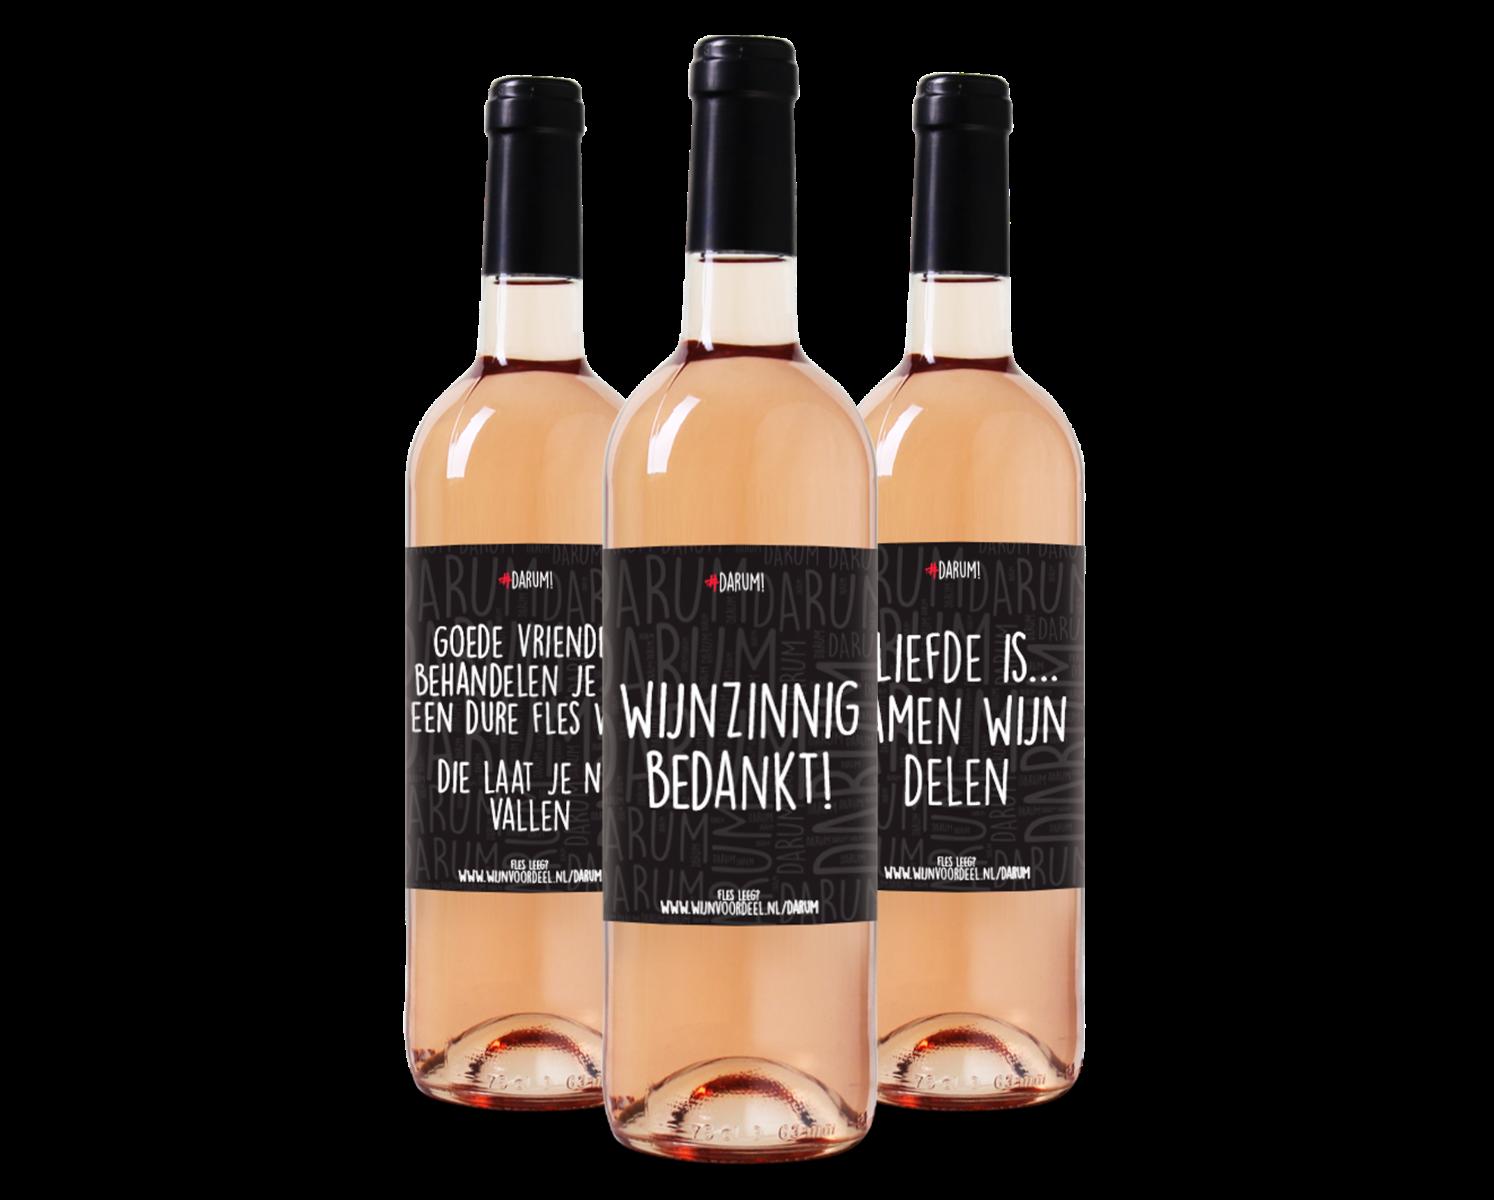 #Darum Wijnpakket Rose (3 flessen) wijnvoordeel.nl